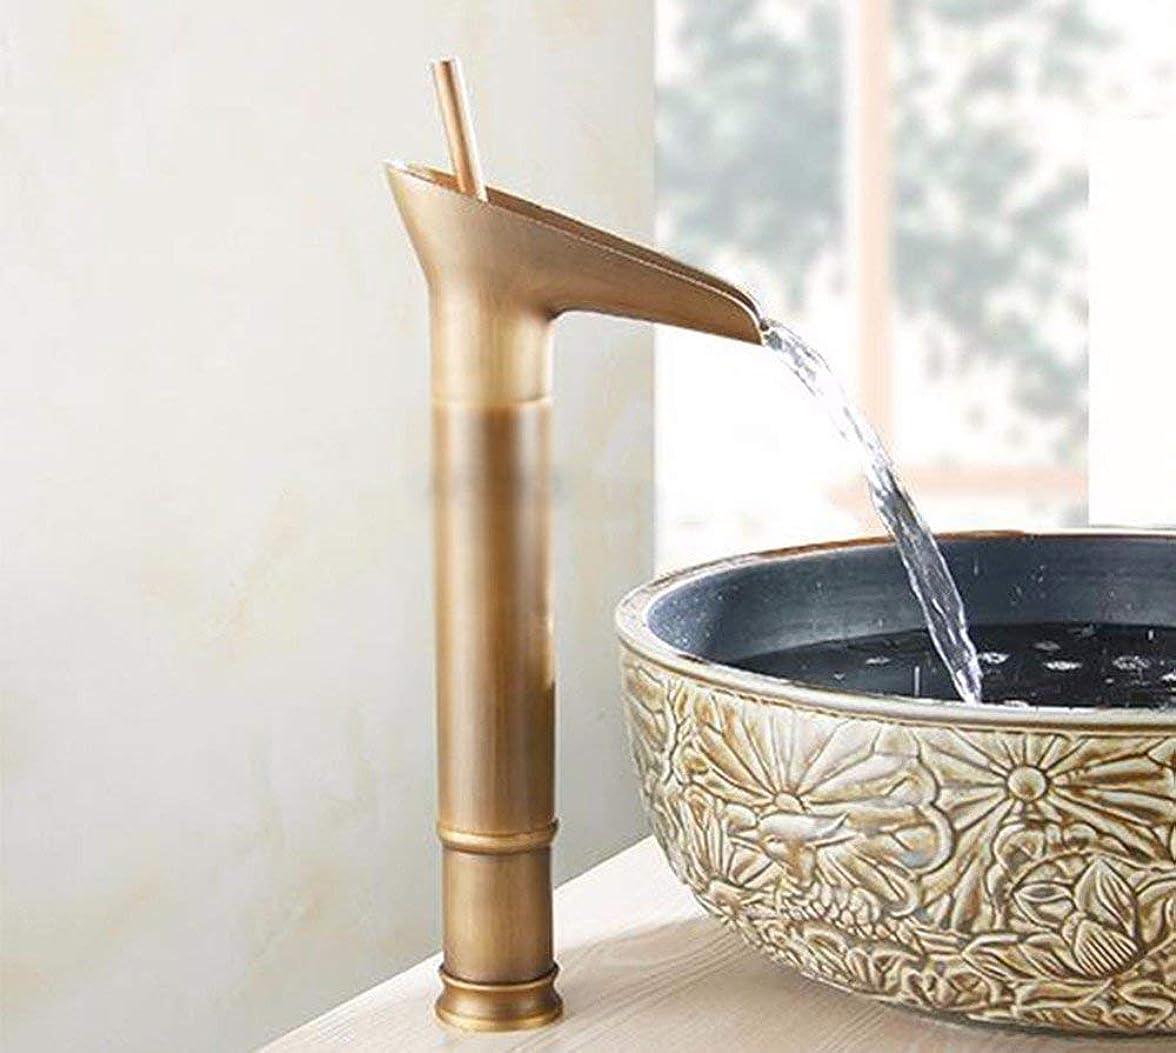 電信地上で文明銅のバスルームWCの滝温水と冷水を上げた蛇口